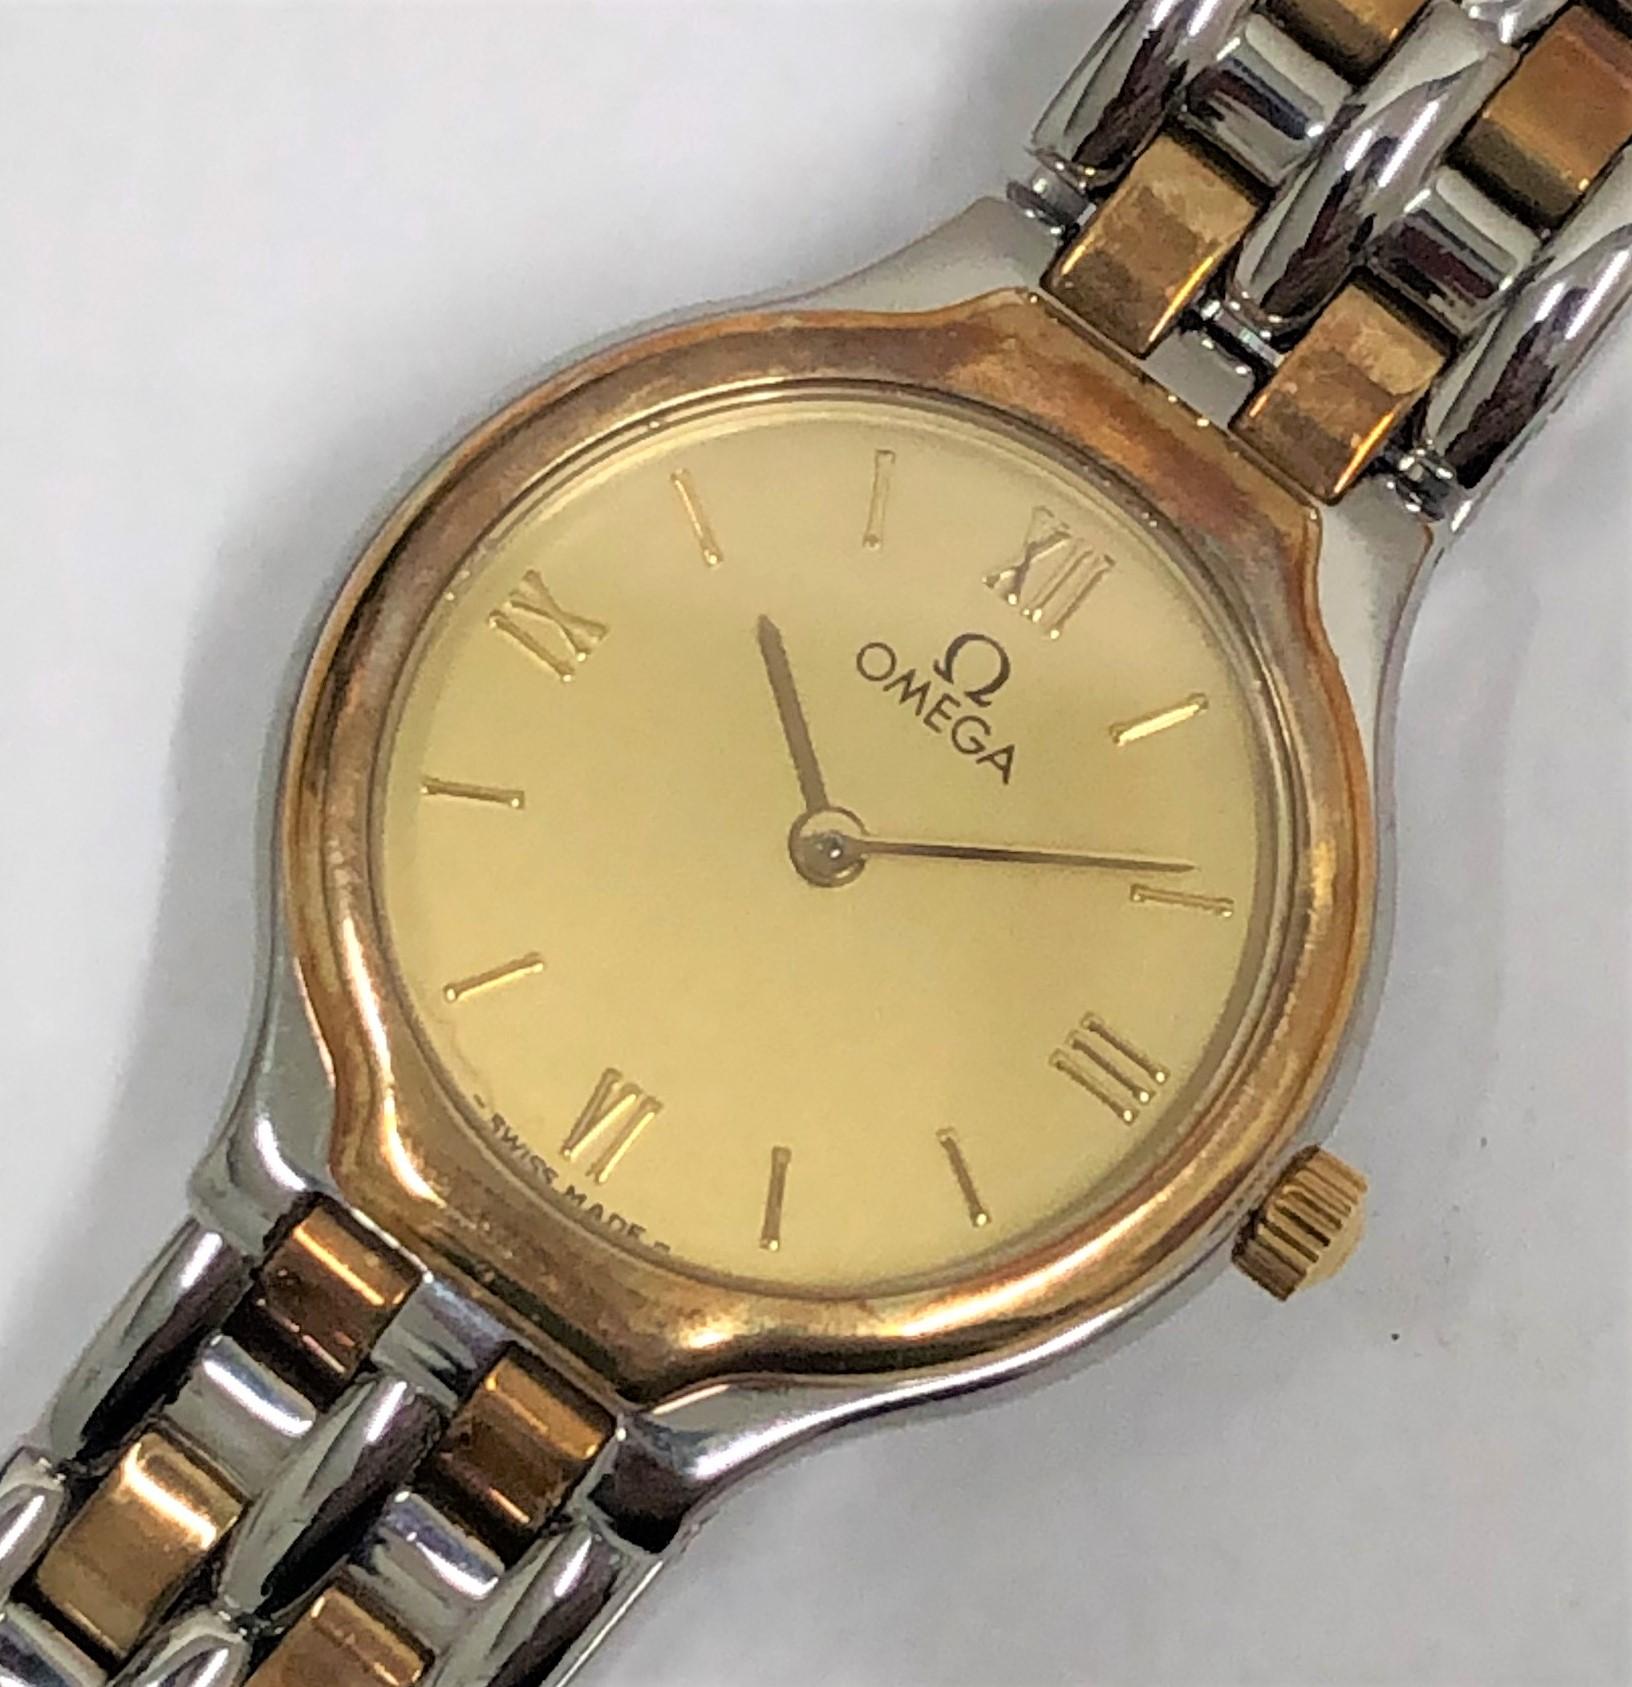 【OMEGA/オメガ】デビル レディース コンビ 4260.1300 QZ 腕時計